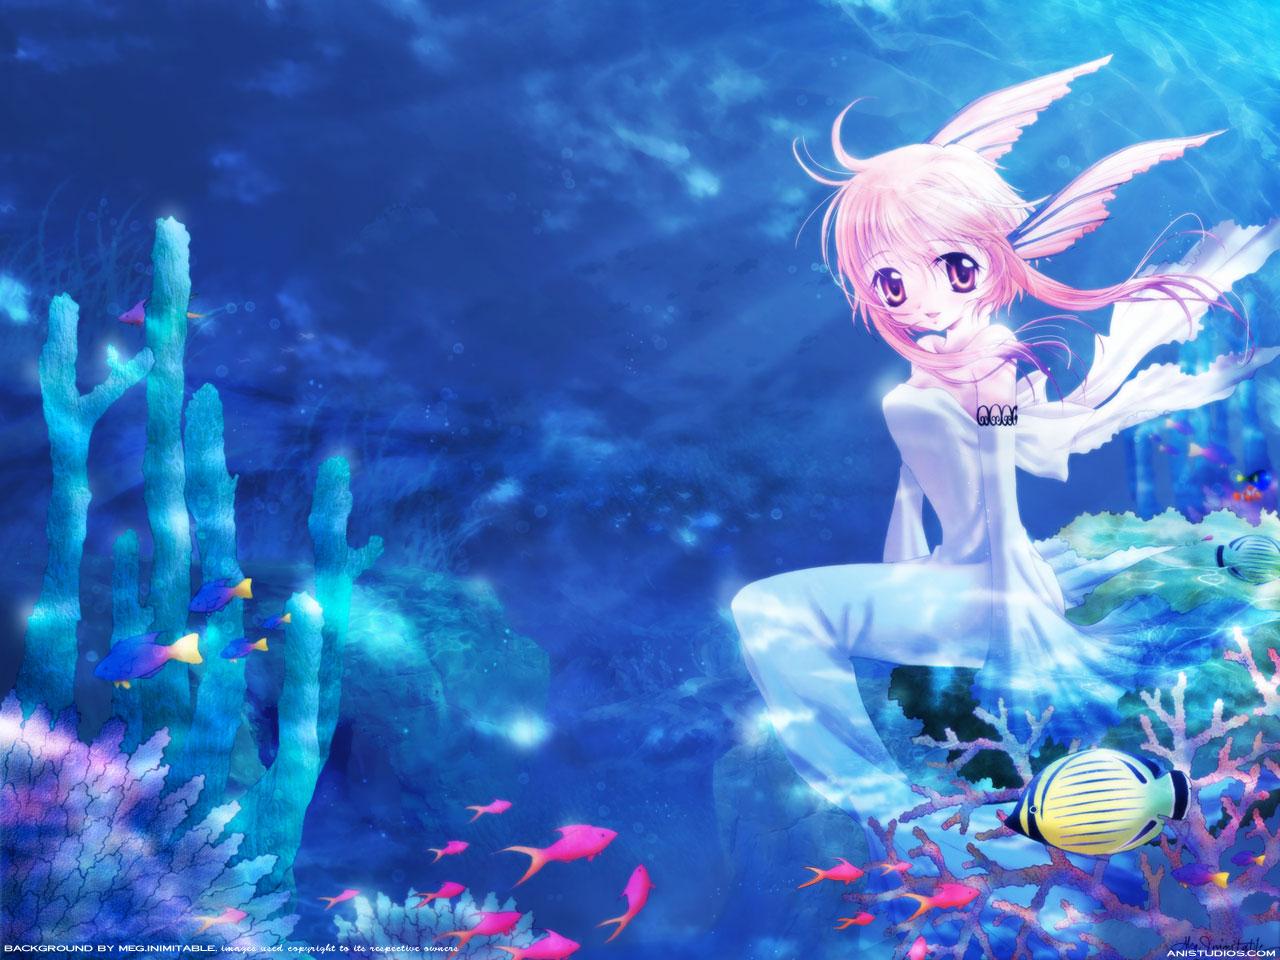 Anime Mermaid Wallpaper - WallpaperSafari